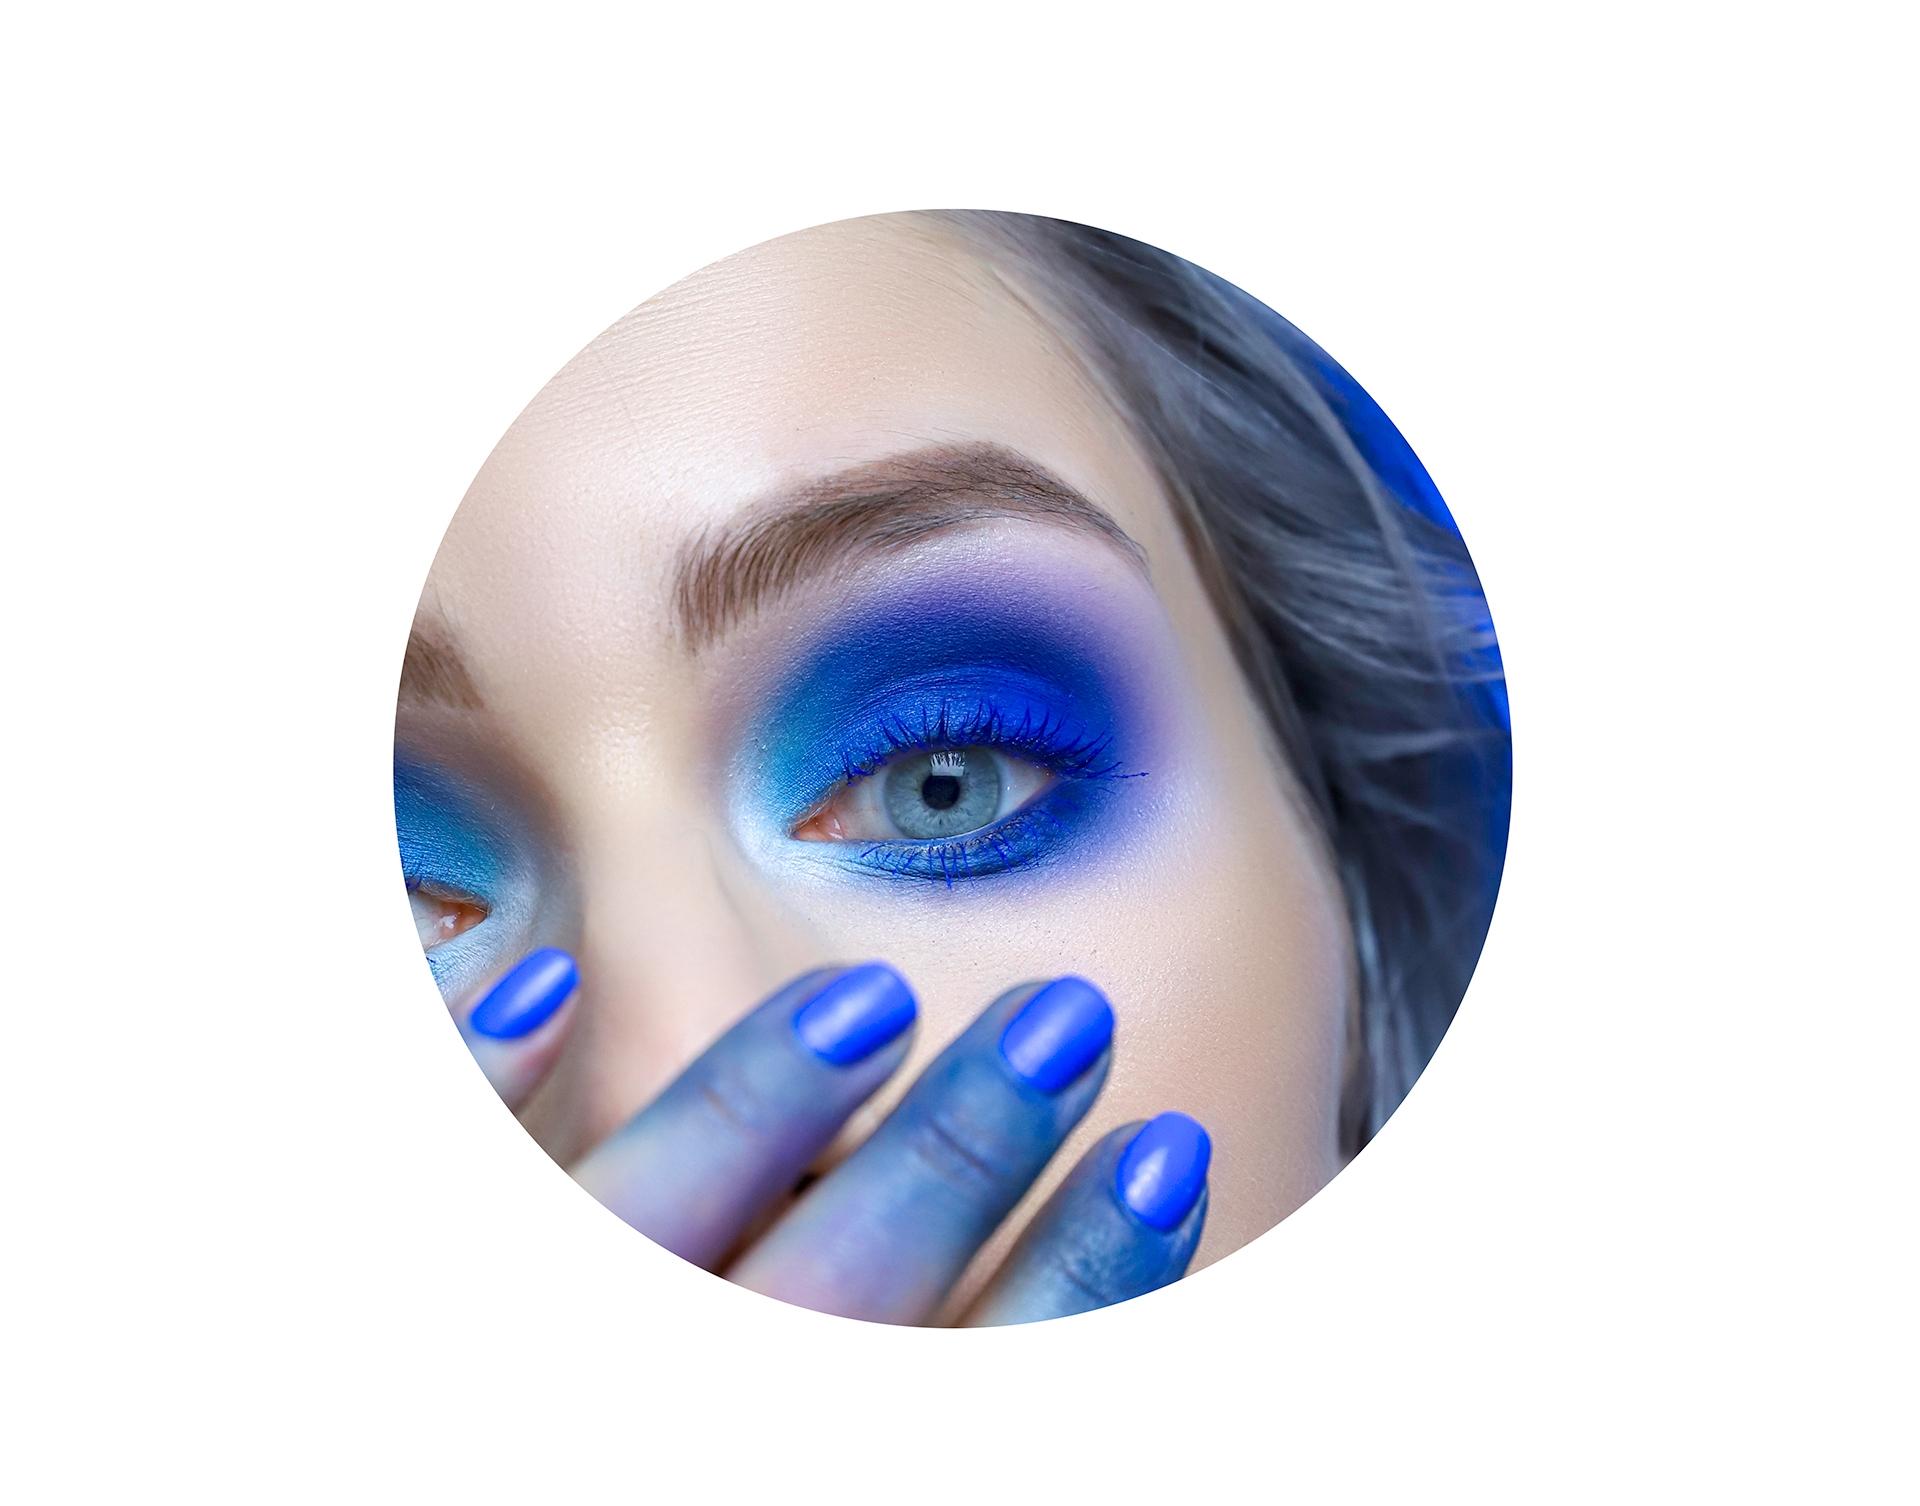 Zdjęcie przedstawia oko w niebieskim makijażu. Zdjęcie jest wpisane w kształt koła.